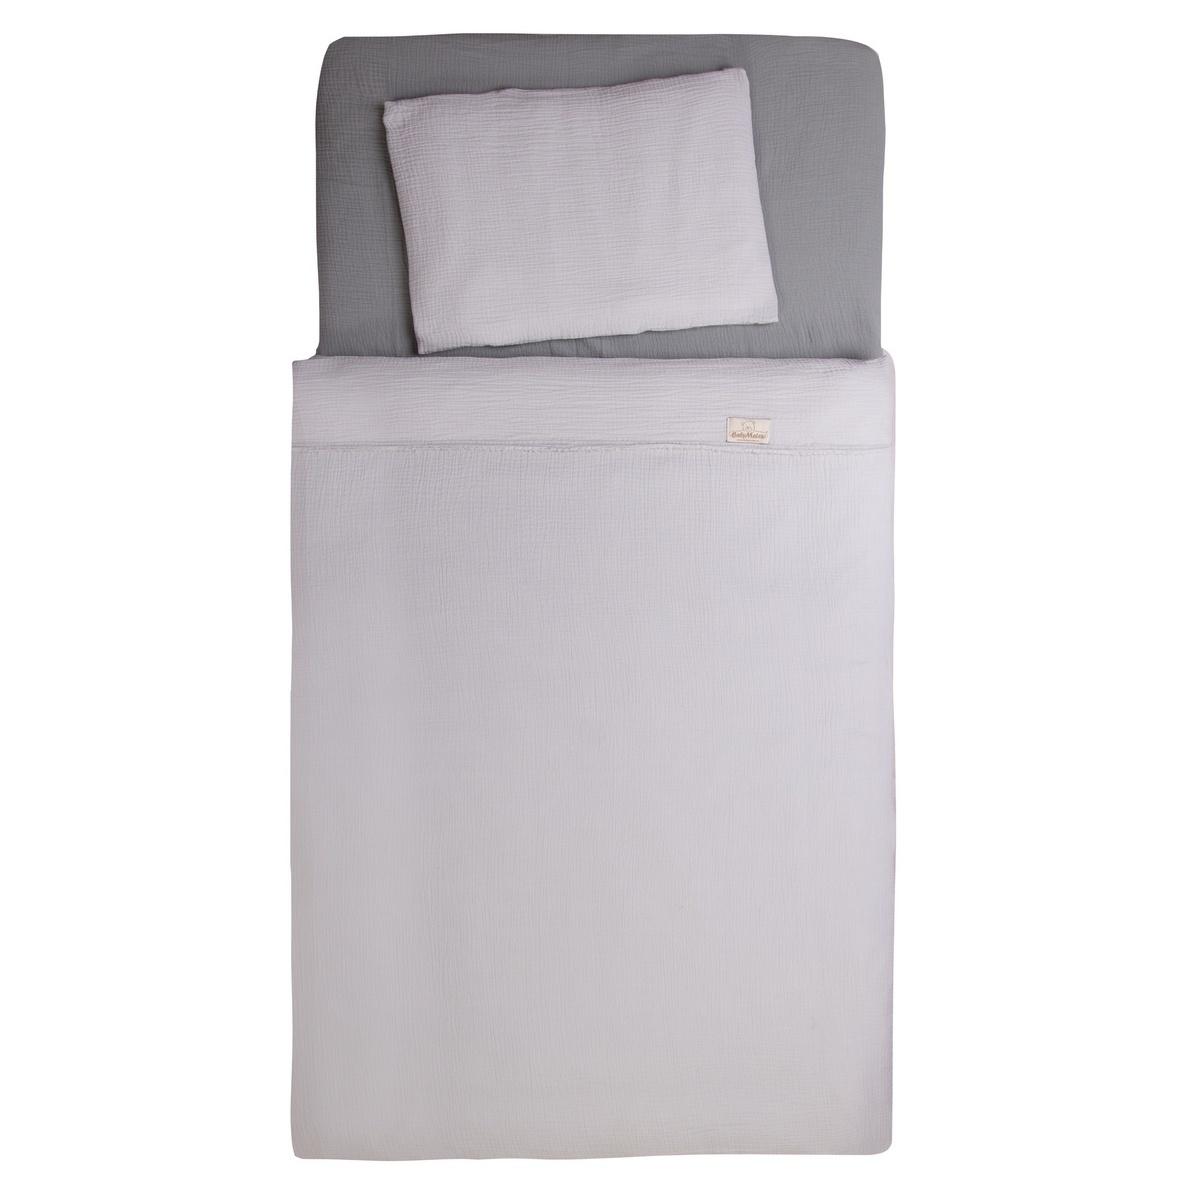 Babymatex Bavlnené obliečky do postieľky sivá, 100 x 135 cm, 40 x 60 cm